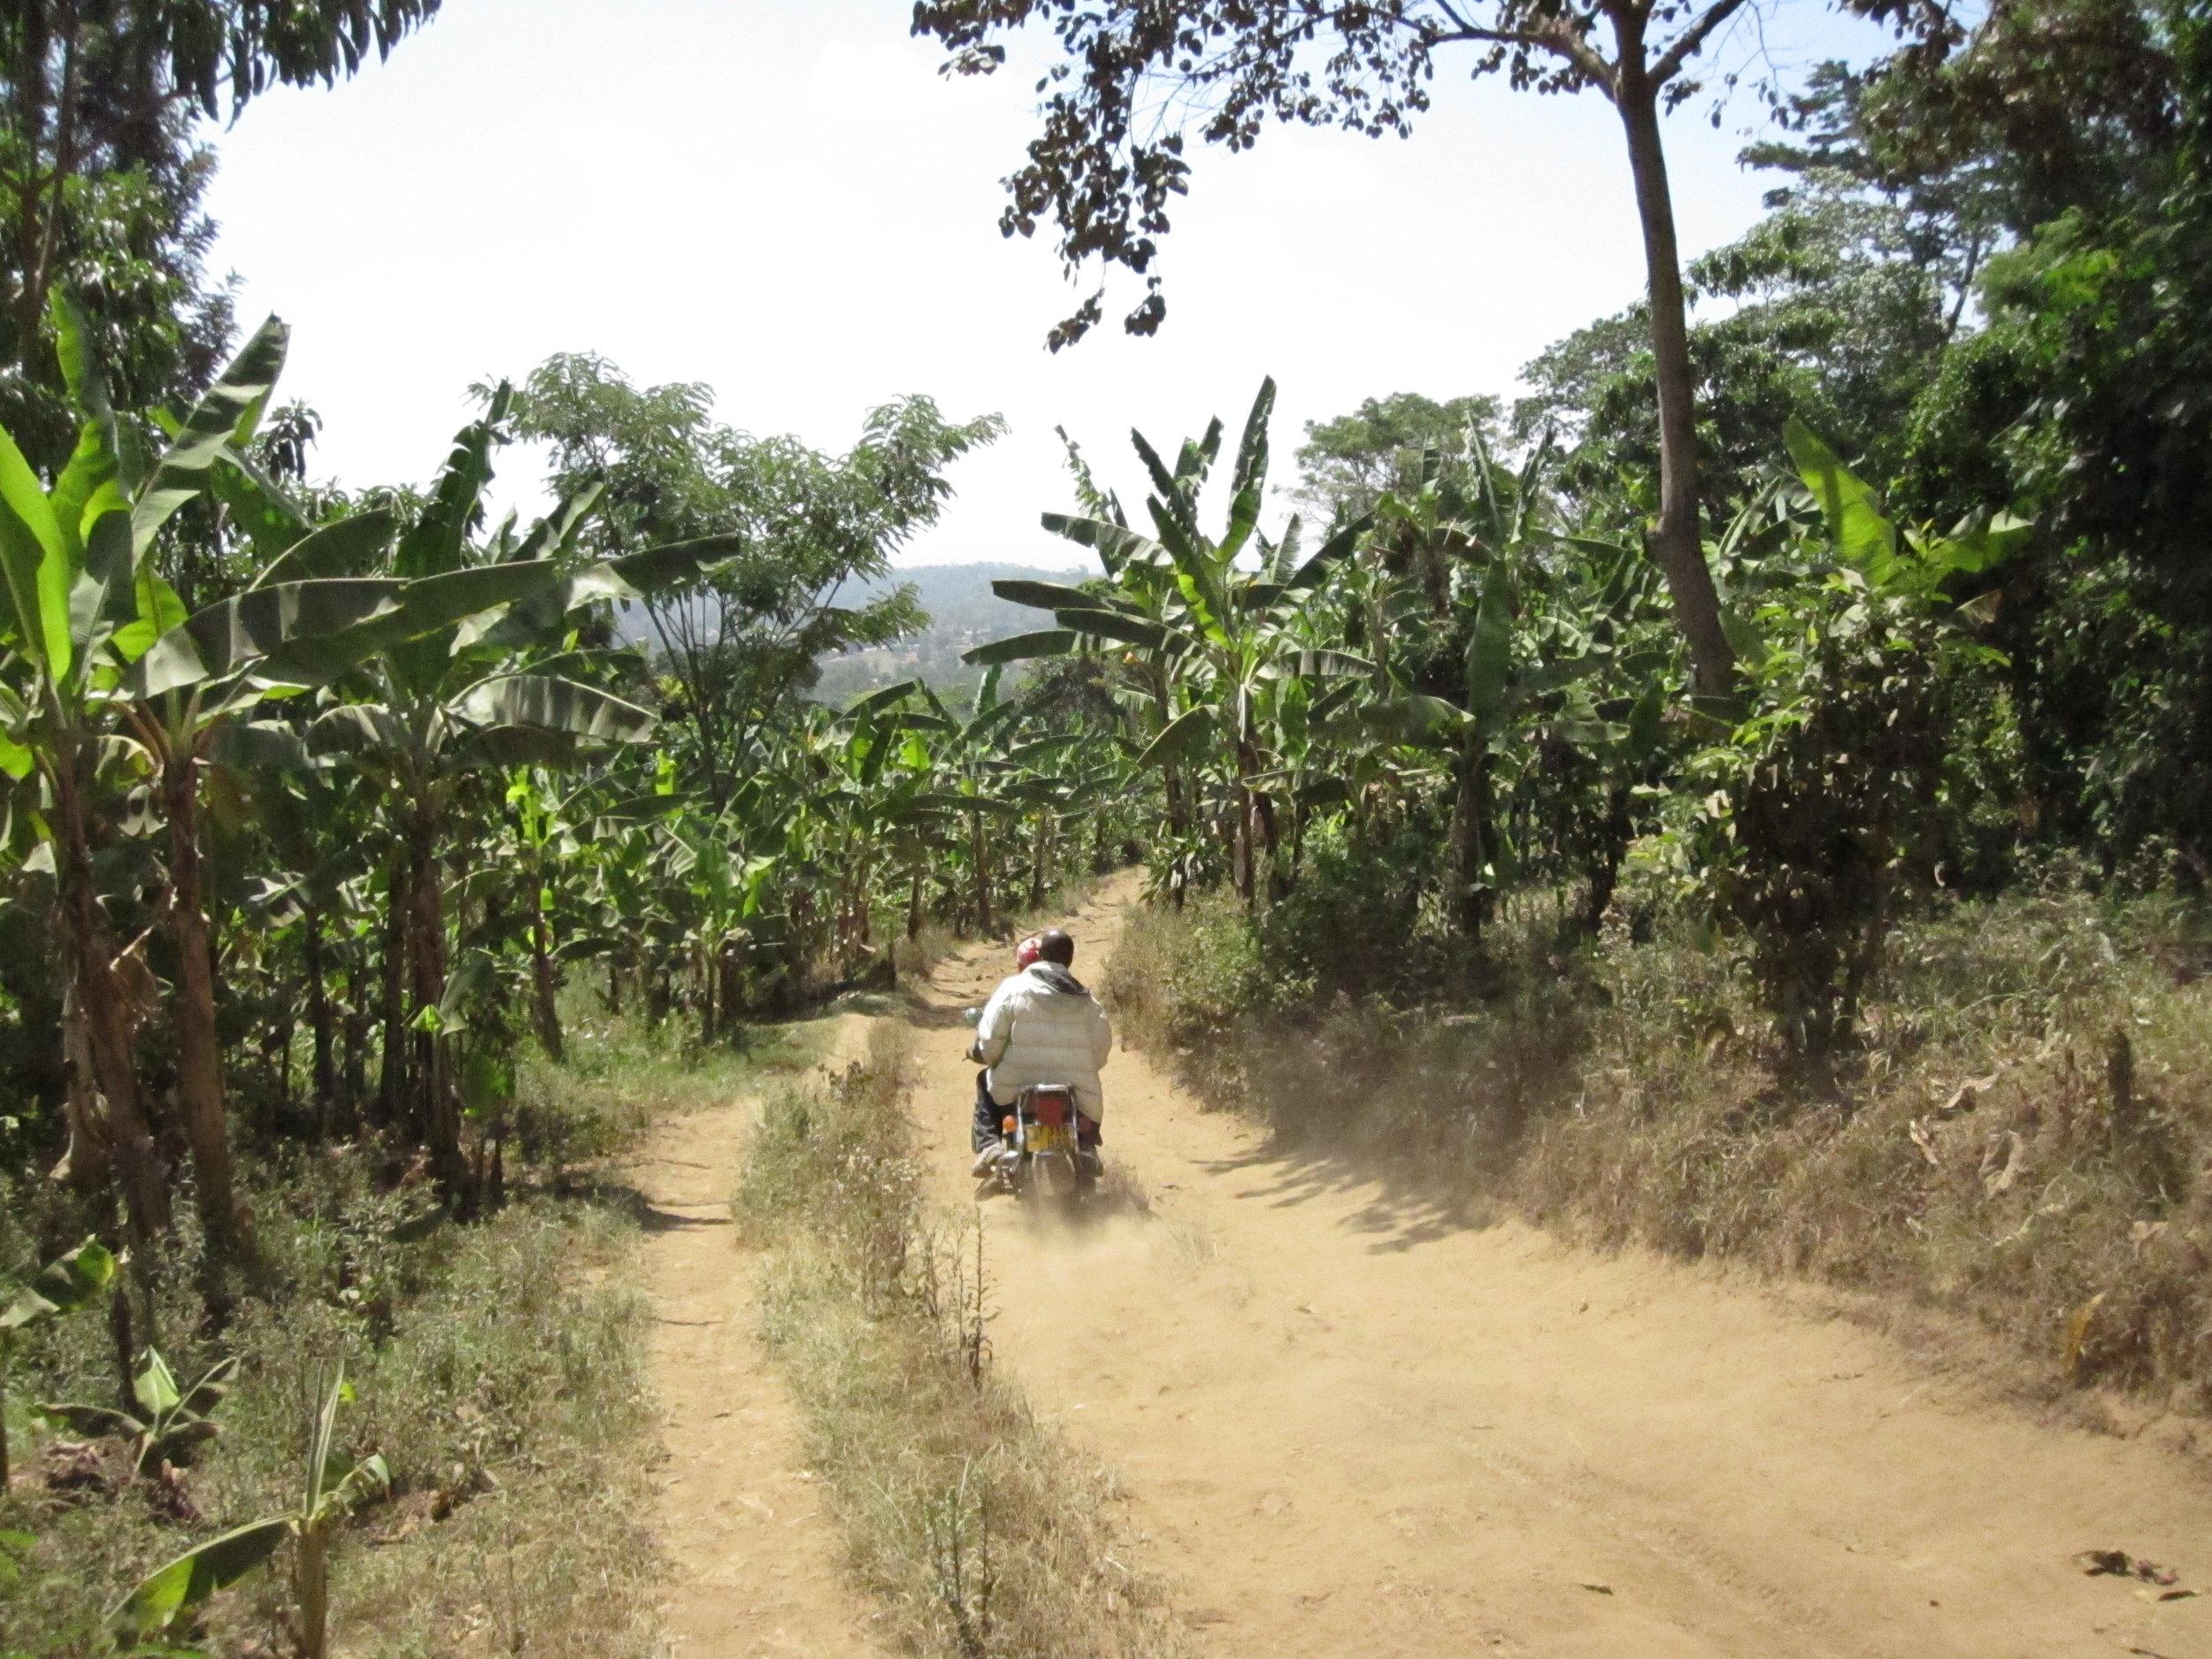 Dusty dirt road near Mount Meru